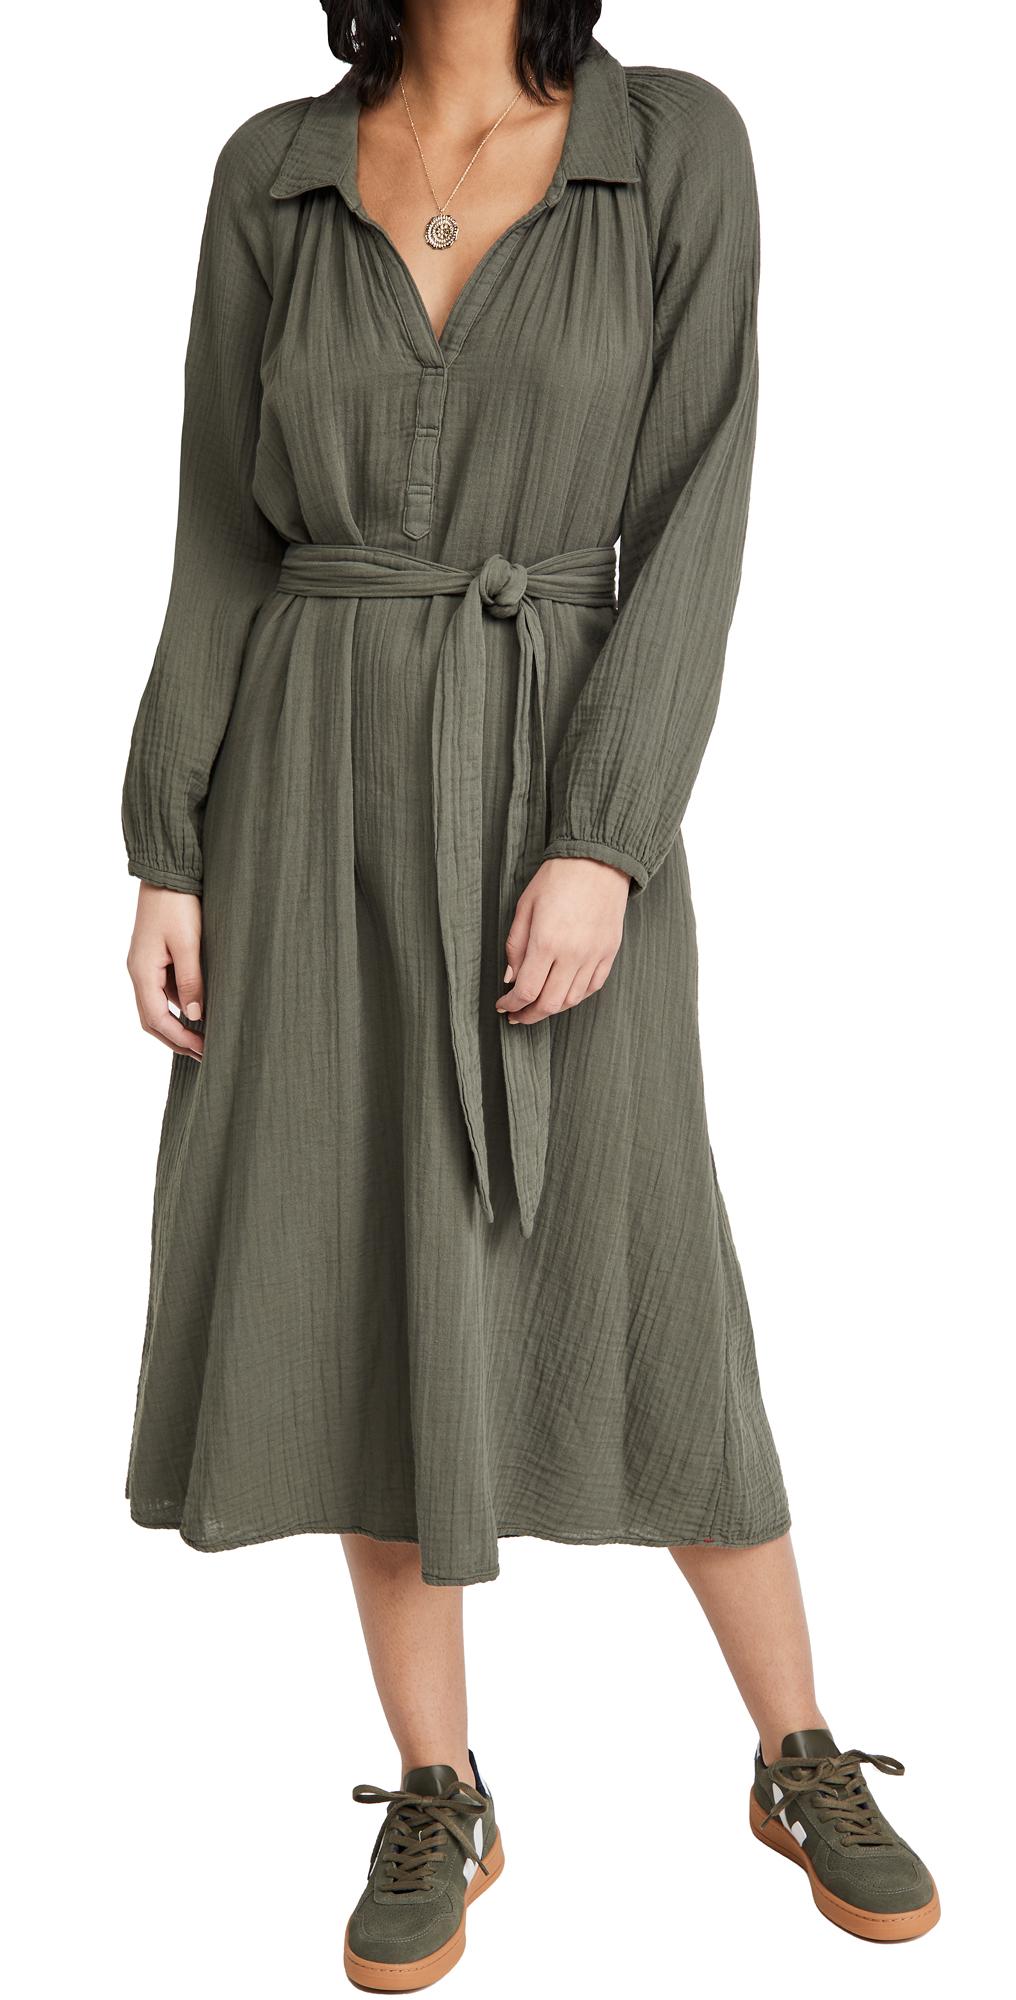 XIRENA Lexx Dress